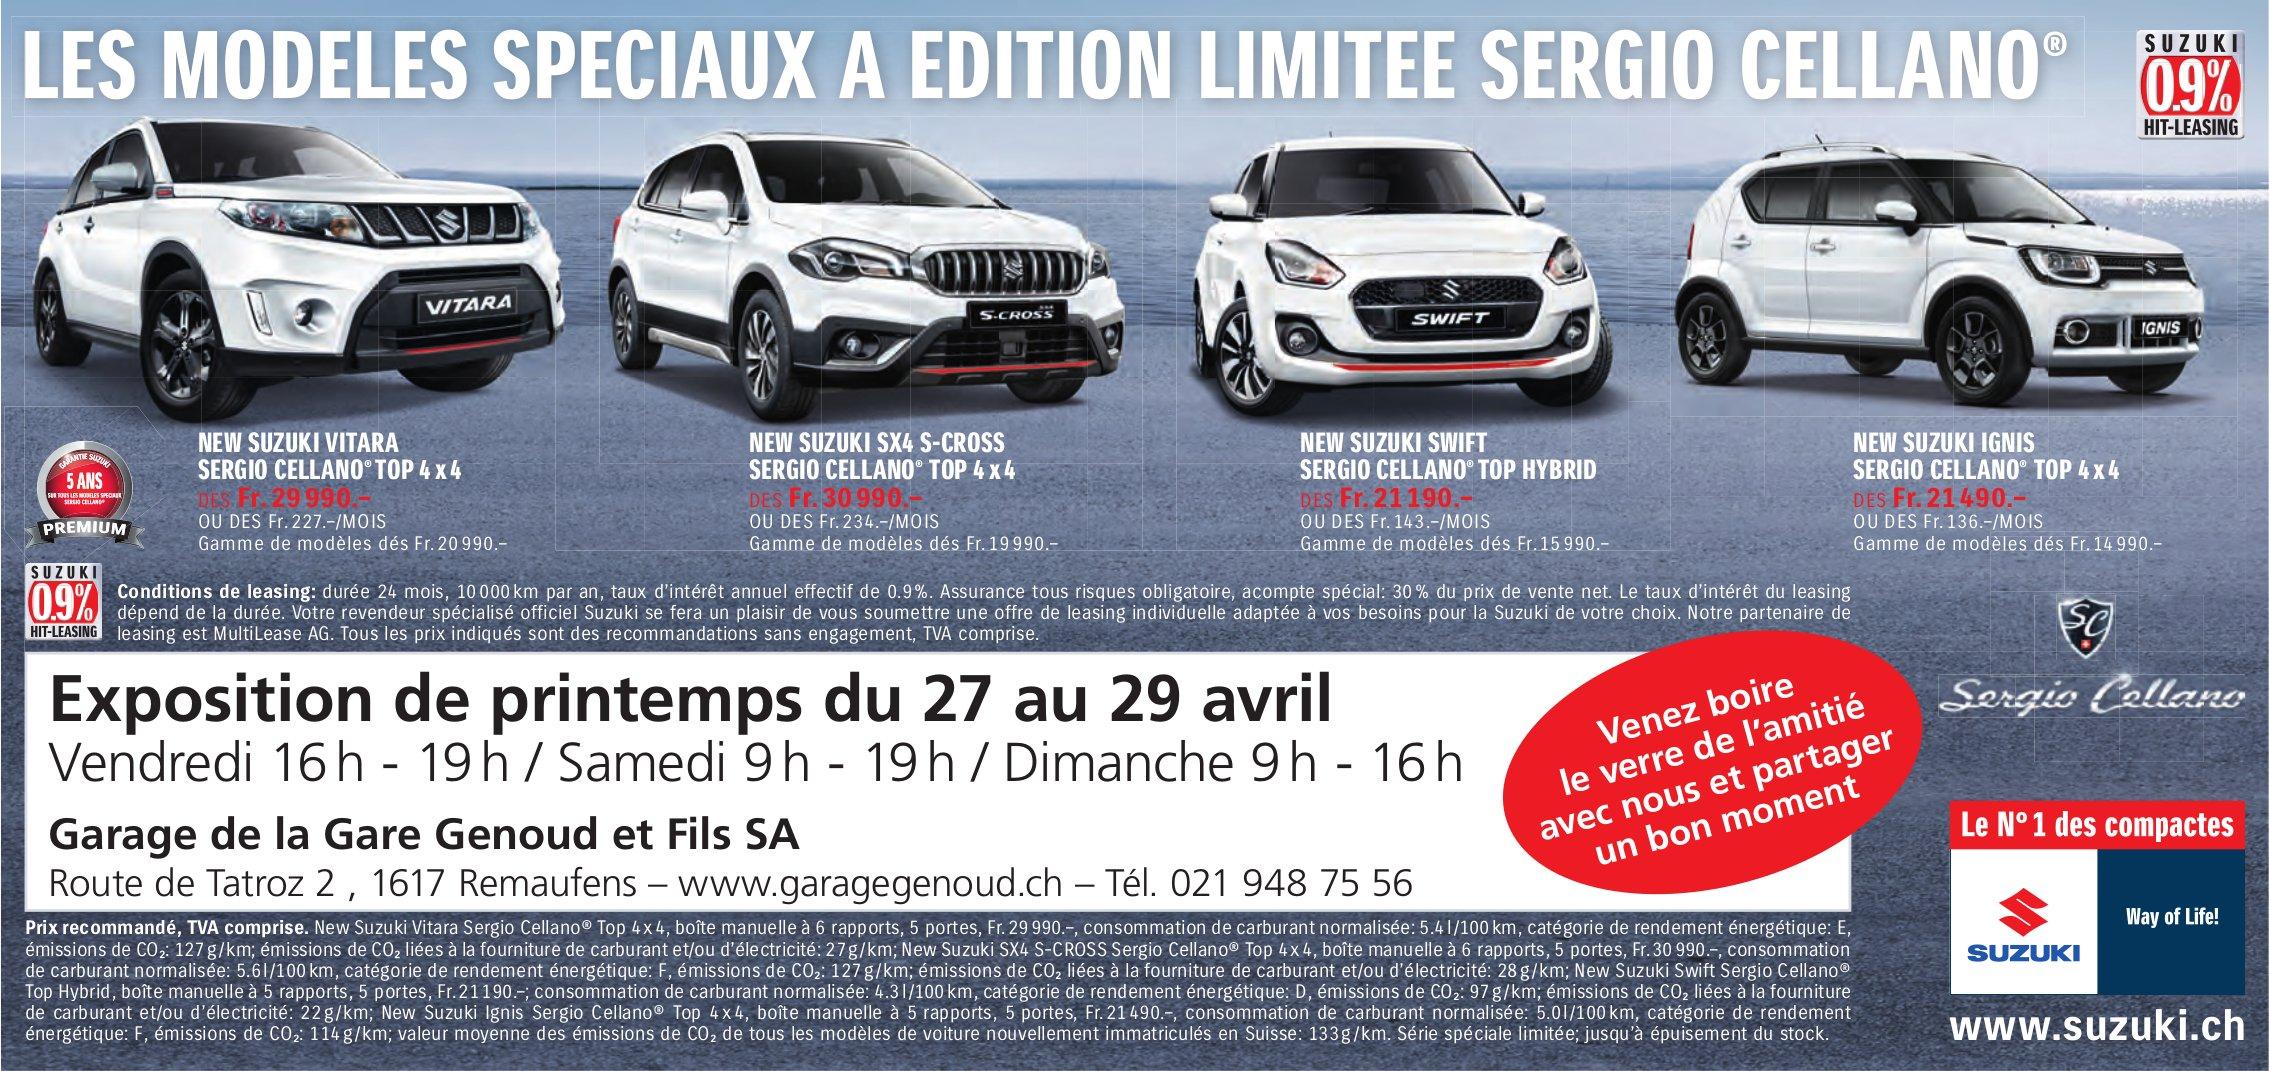 Garage de la Gare Genoud et Fils SA, Remaufens - Exposition de printemps du 27 au 29 avril